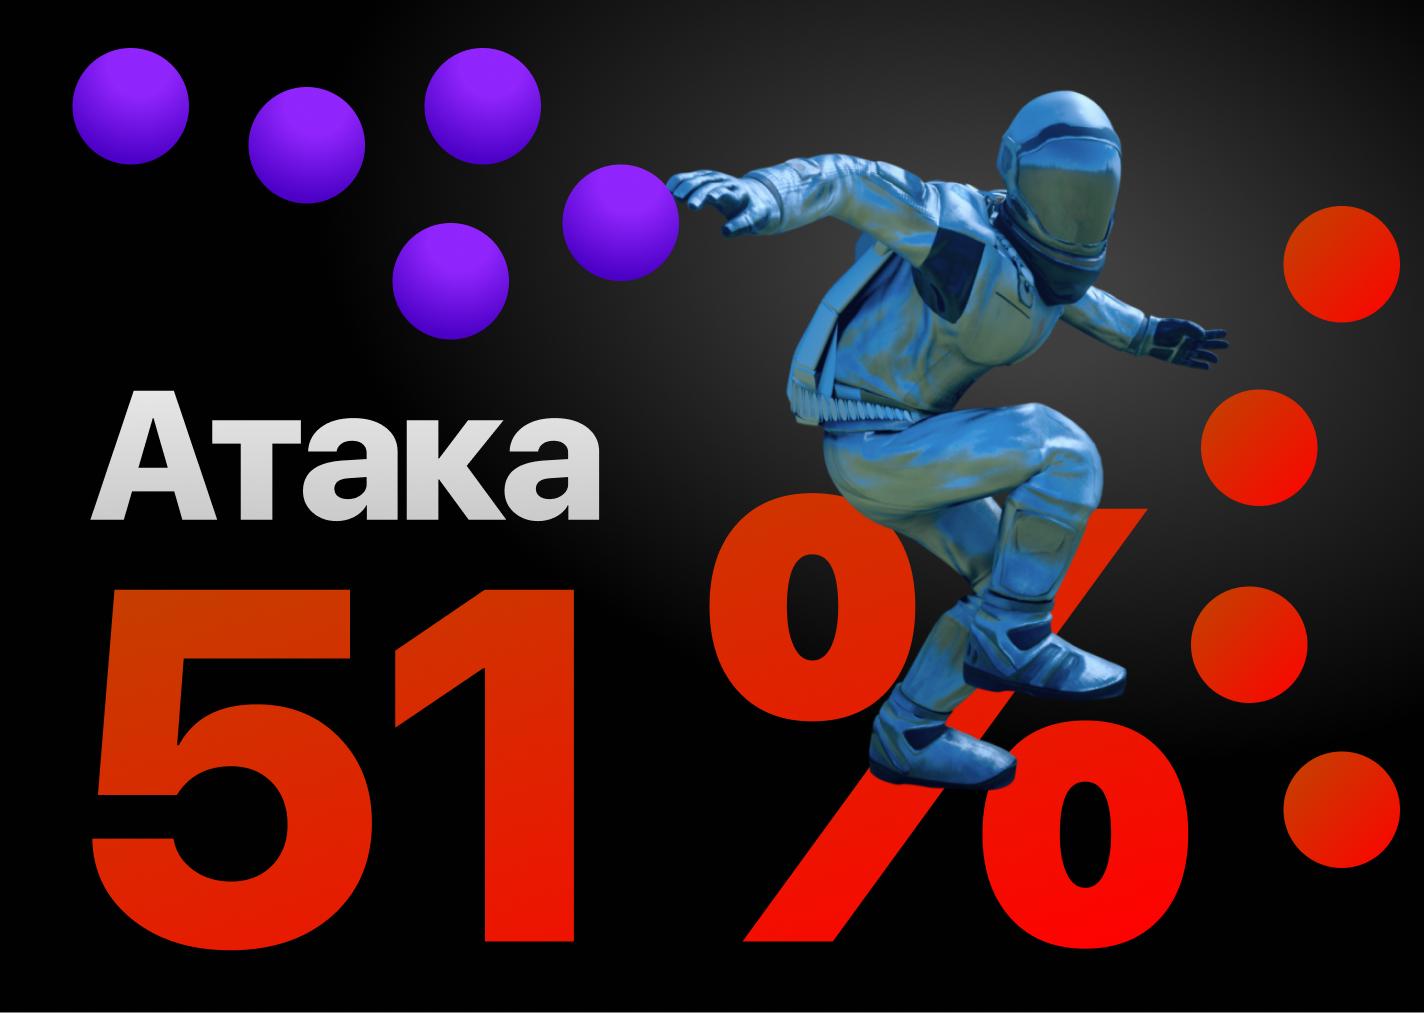 АТАКА 51%